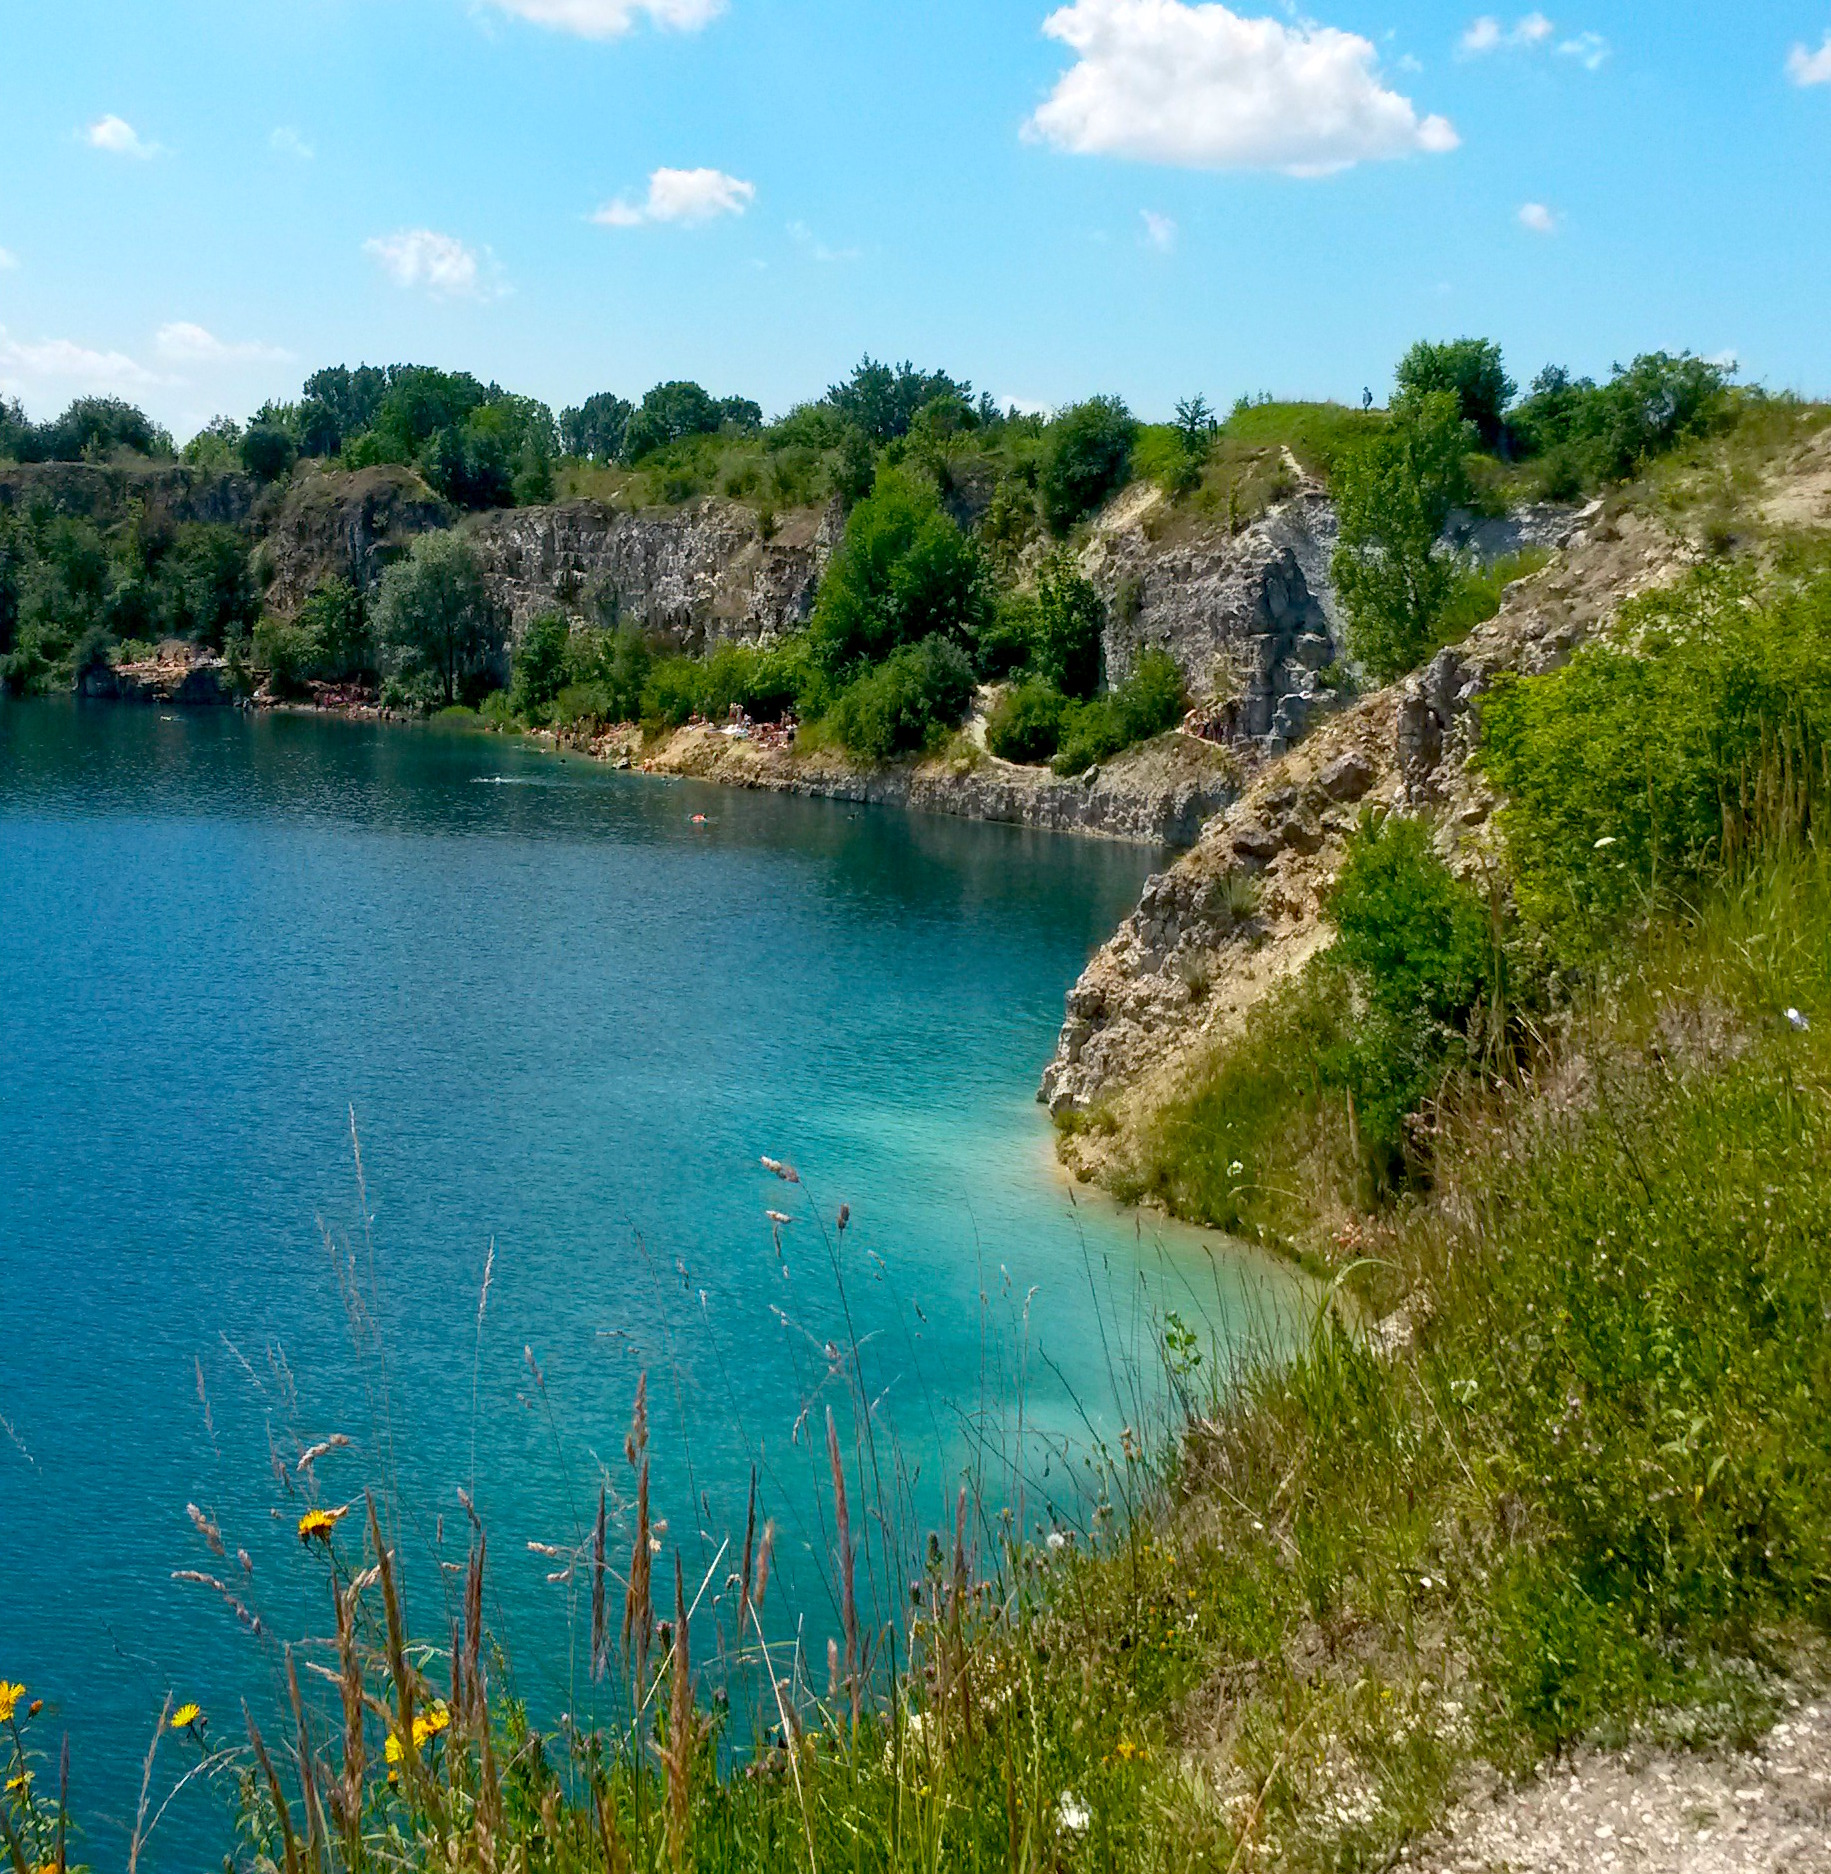 Zakrzowek quarry